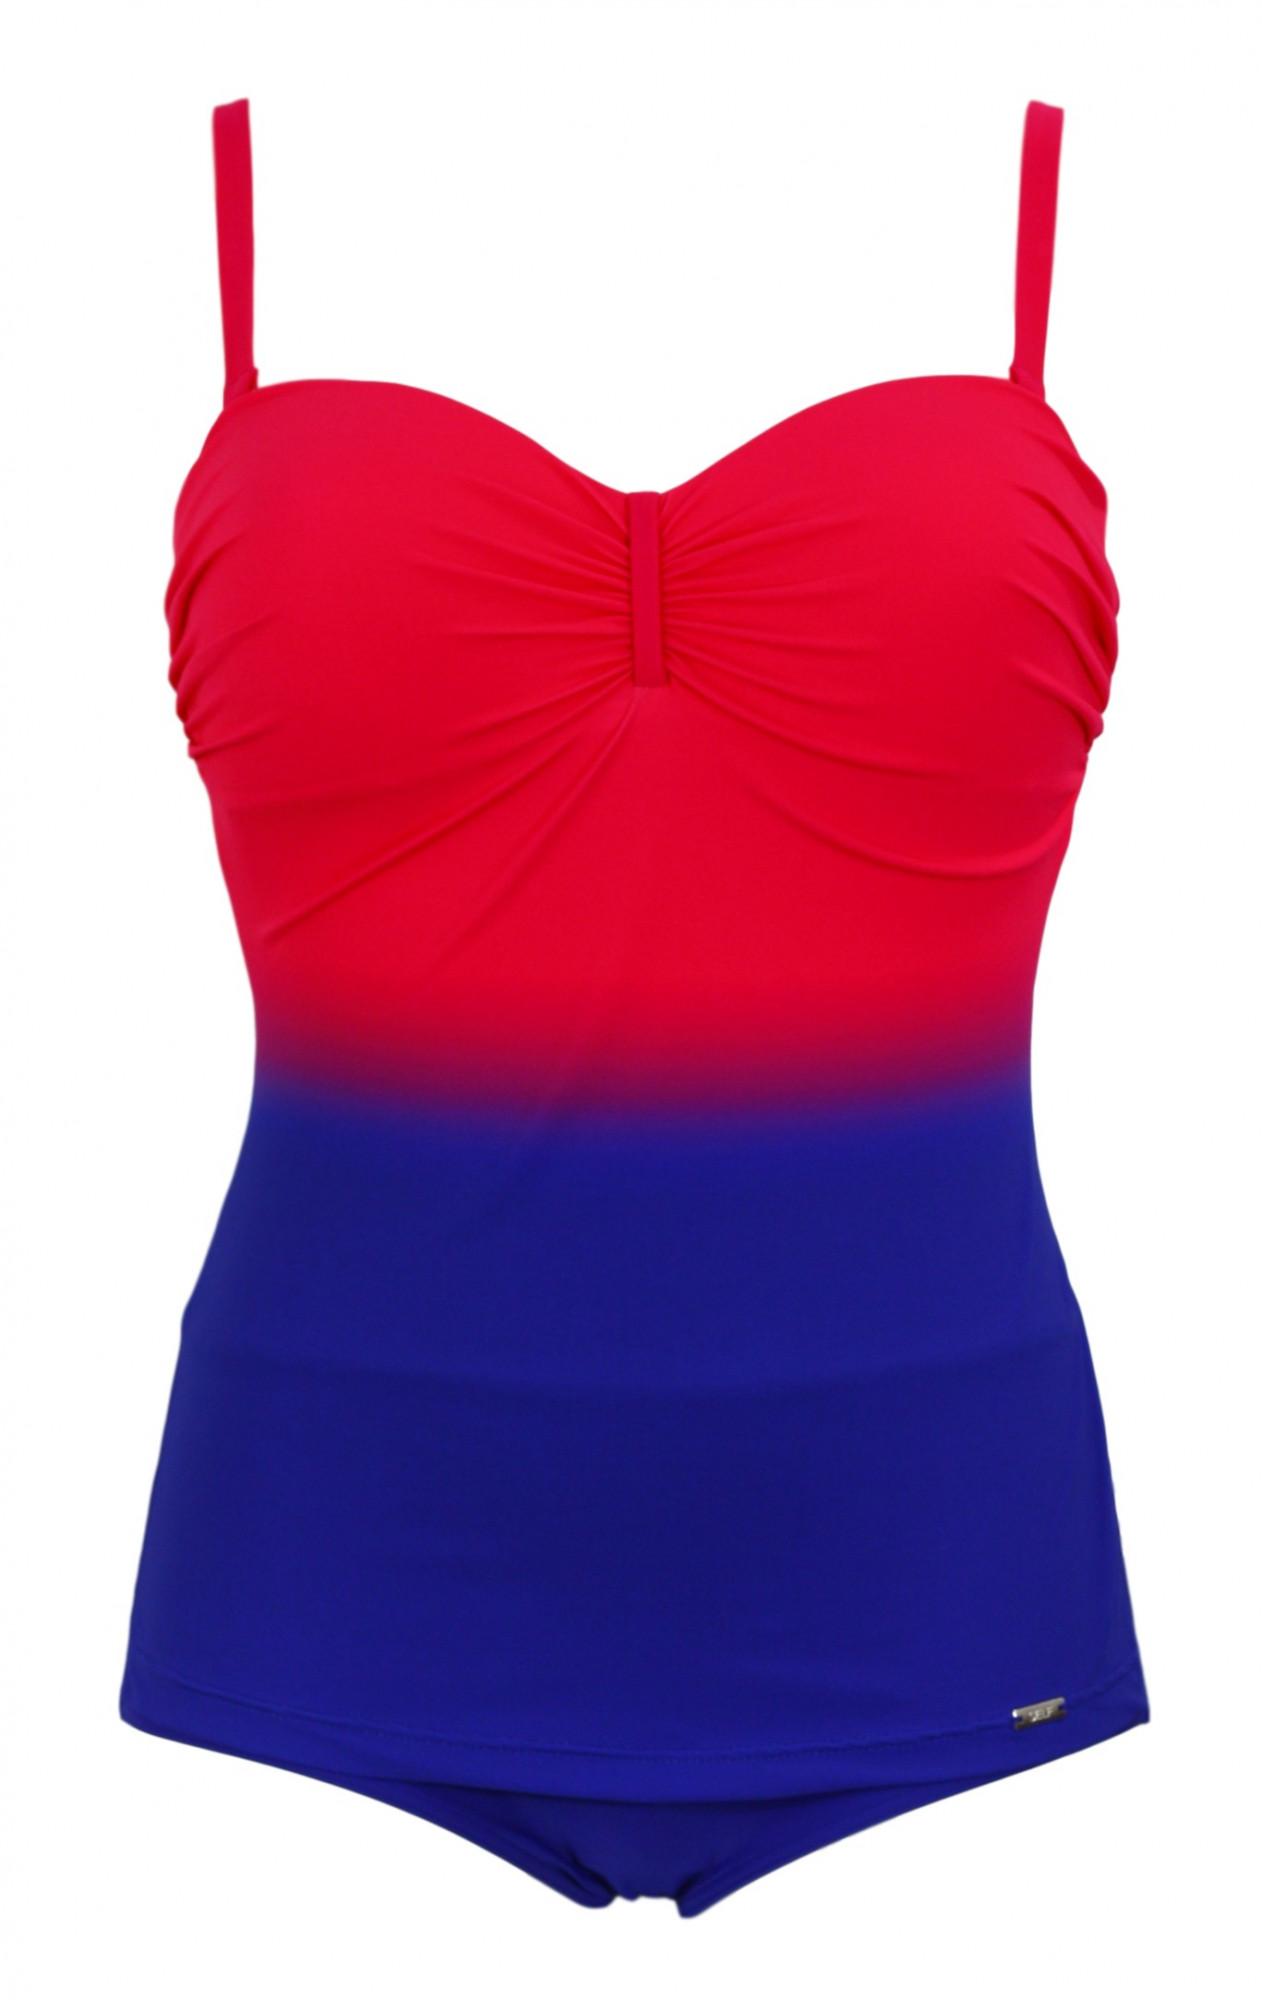 Dámské jednodílné plavky 806 C4 - Self Barva: modro-růžová, Velikost: 42D/E